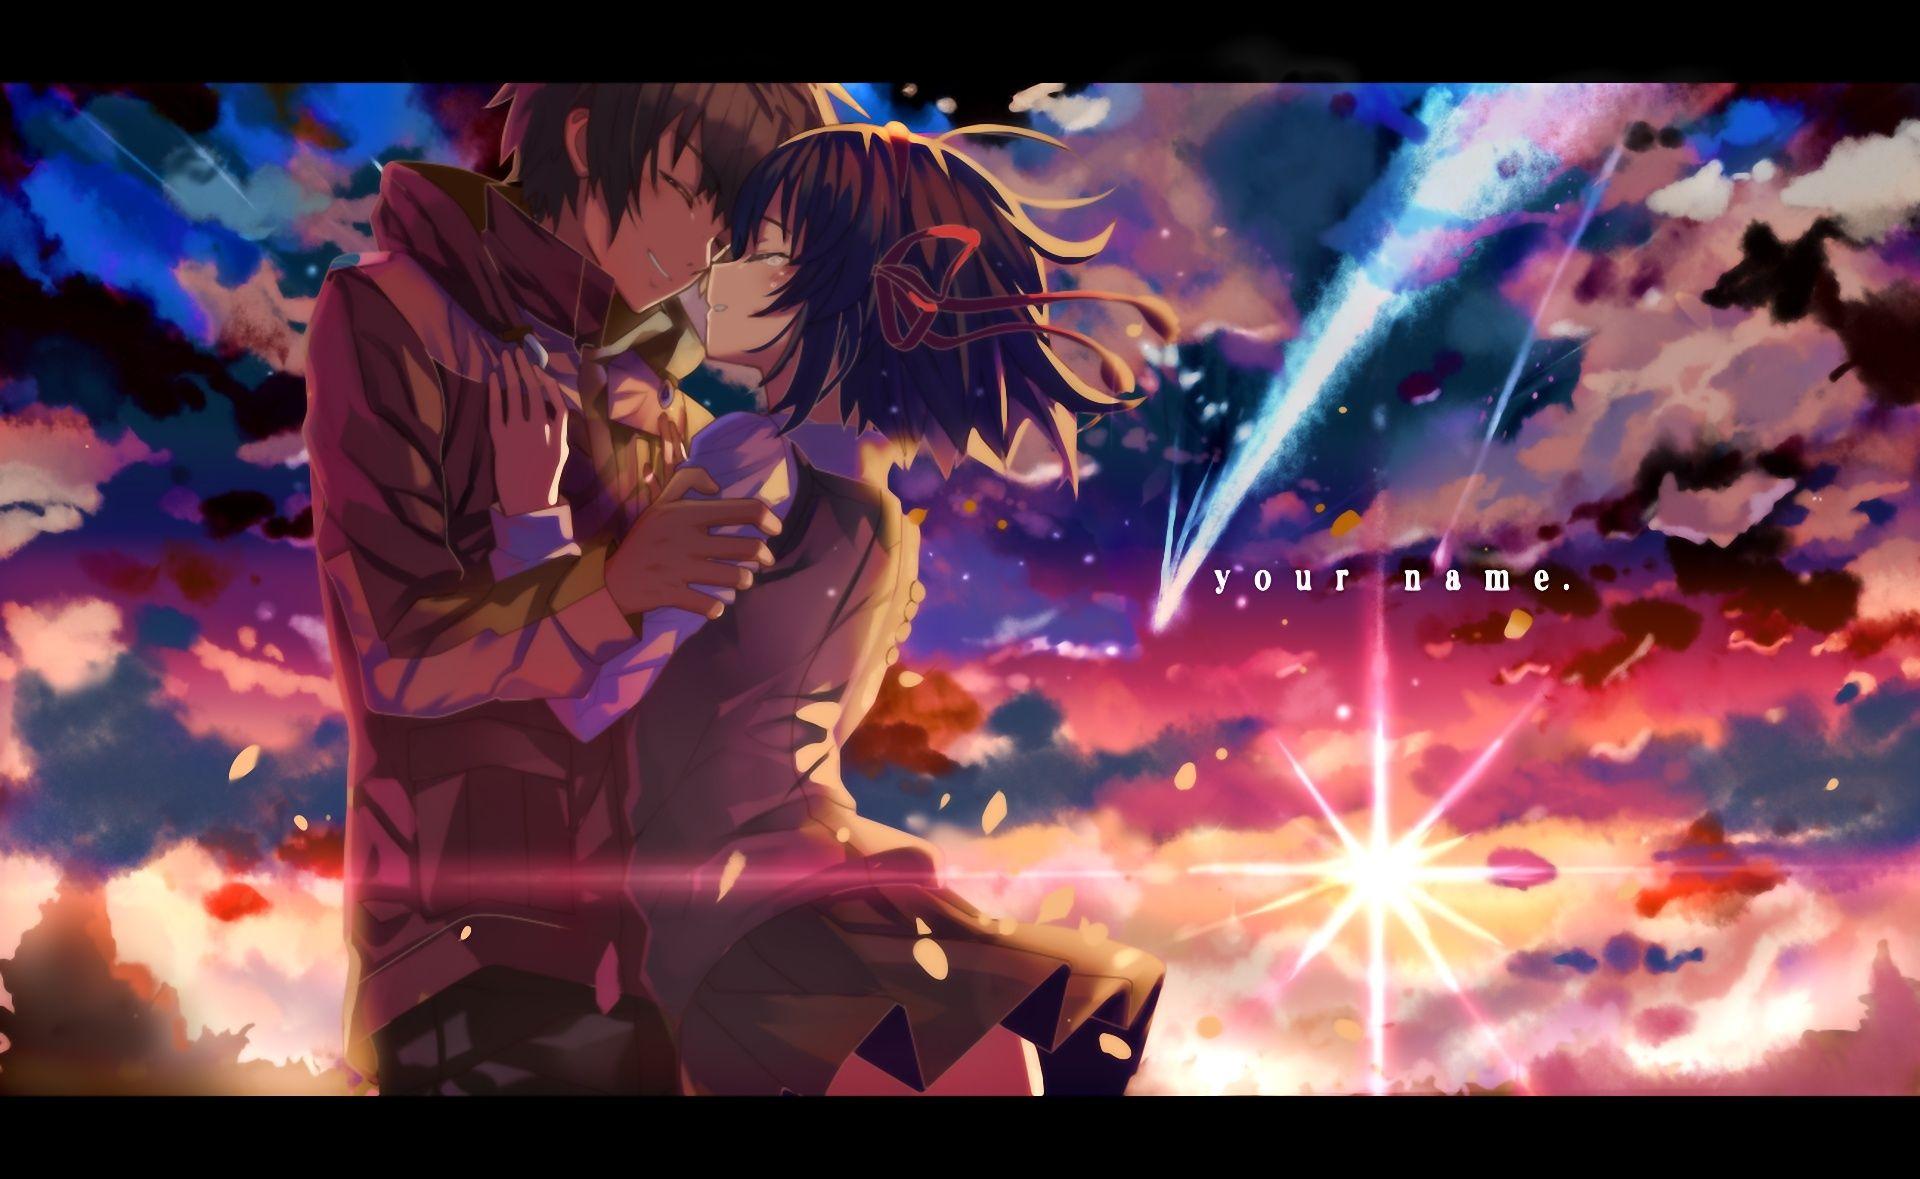 你的名字壁纸 Your name anime, Kimi no na wa wallpaper, Kimi no